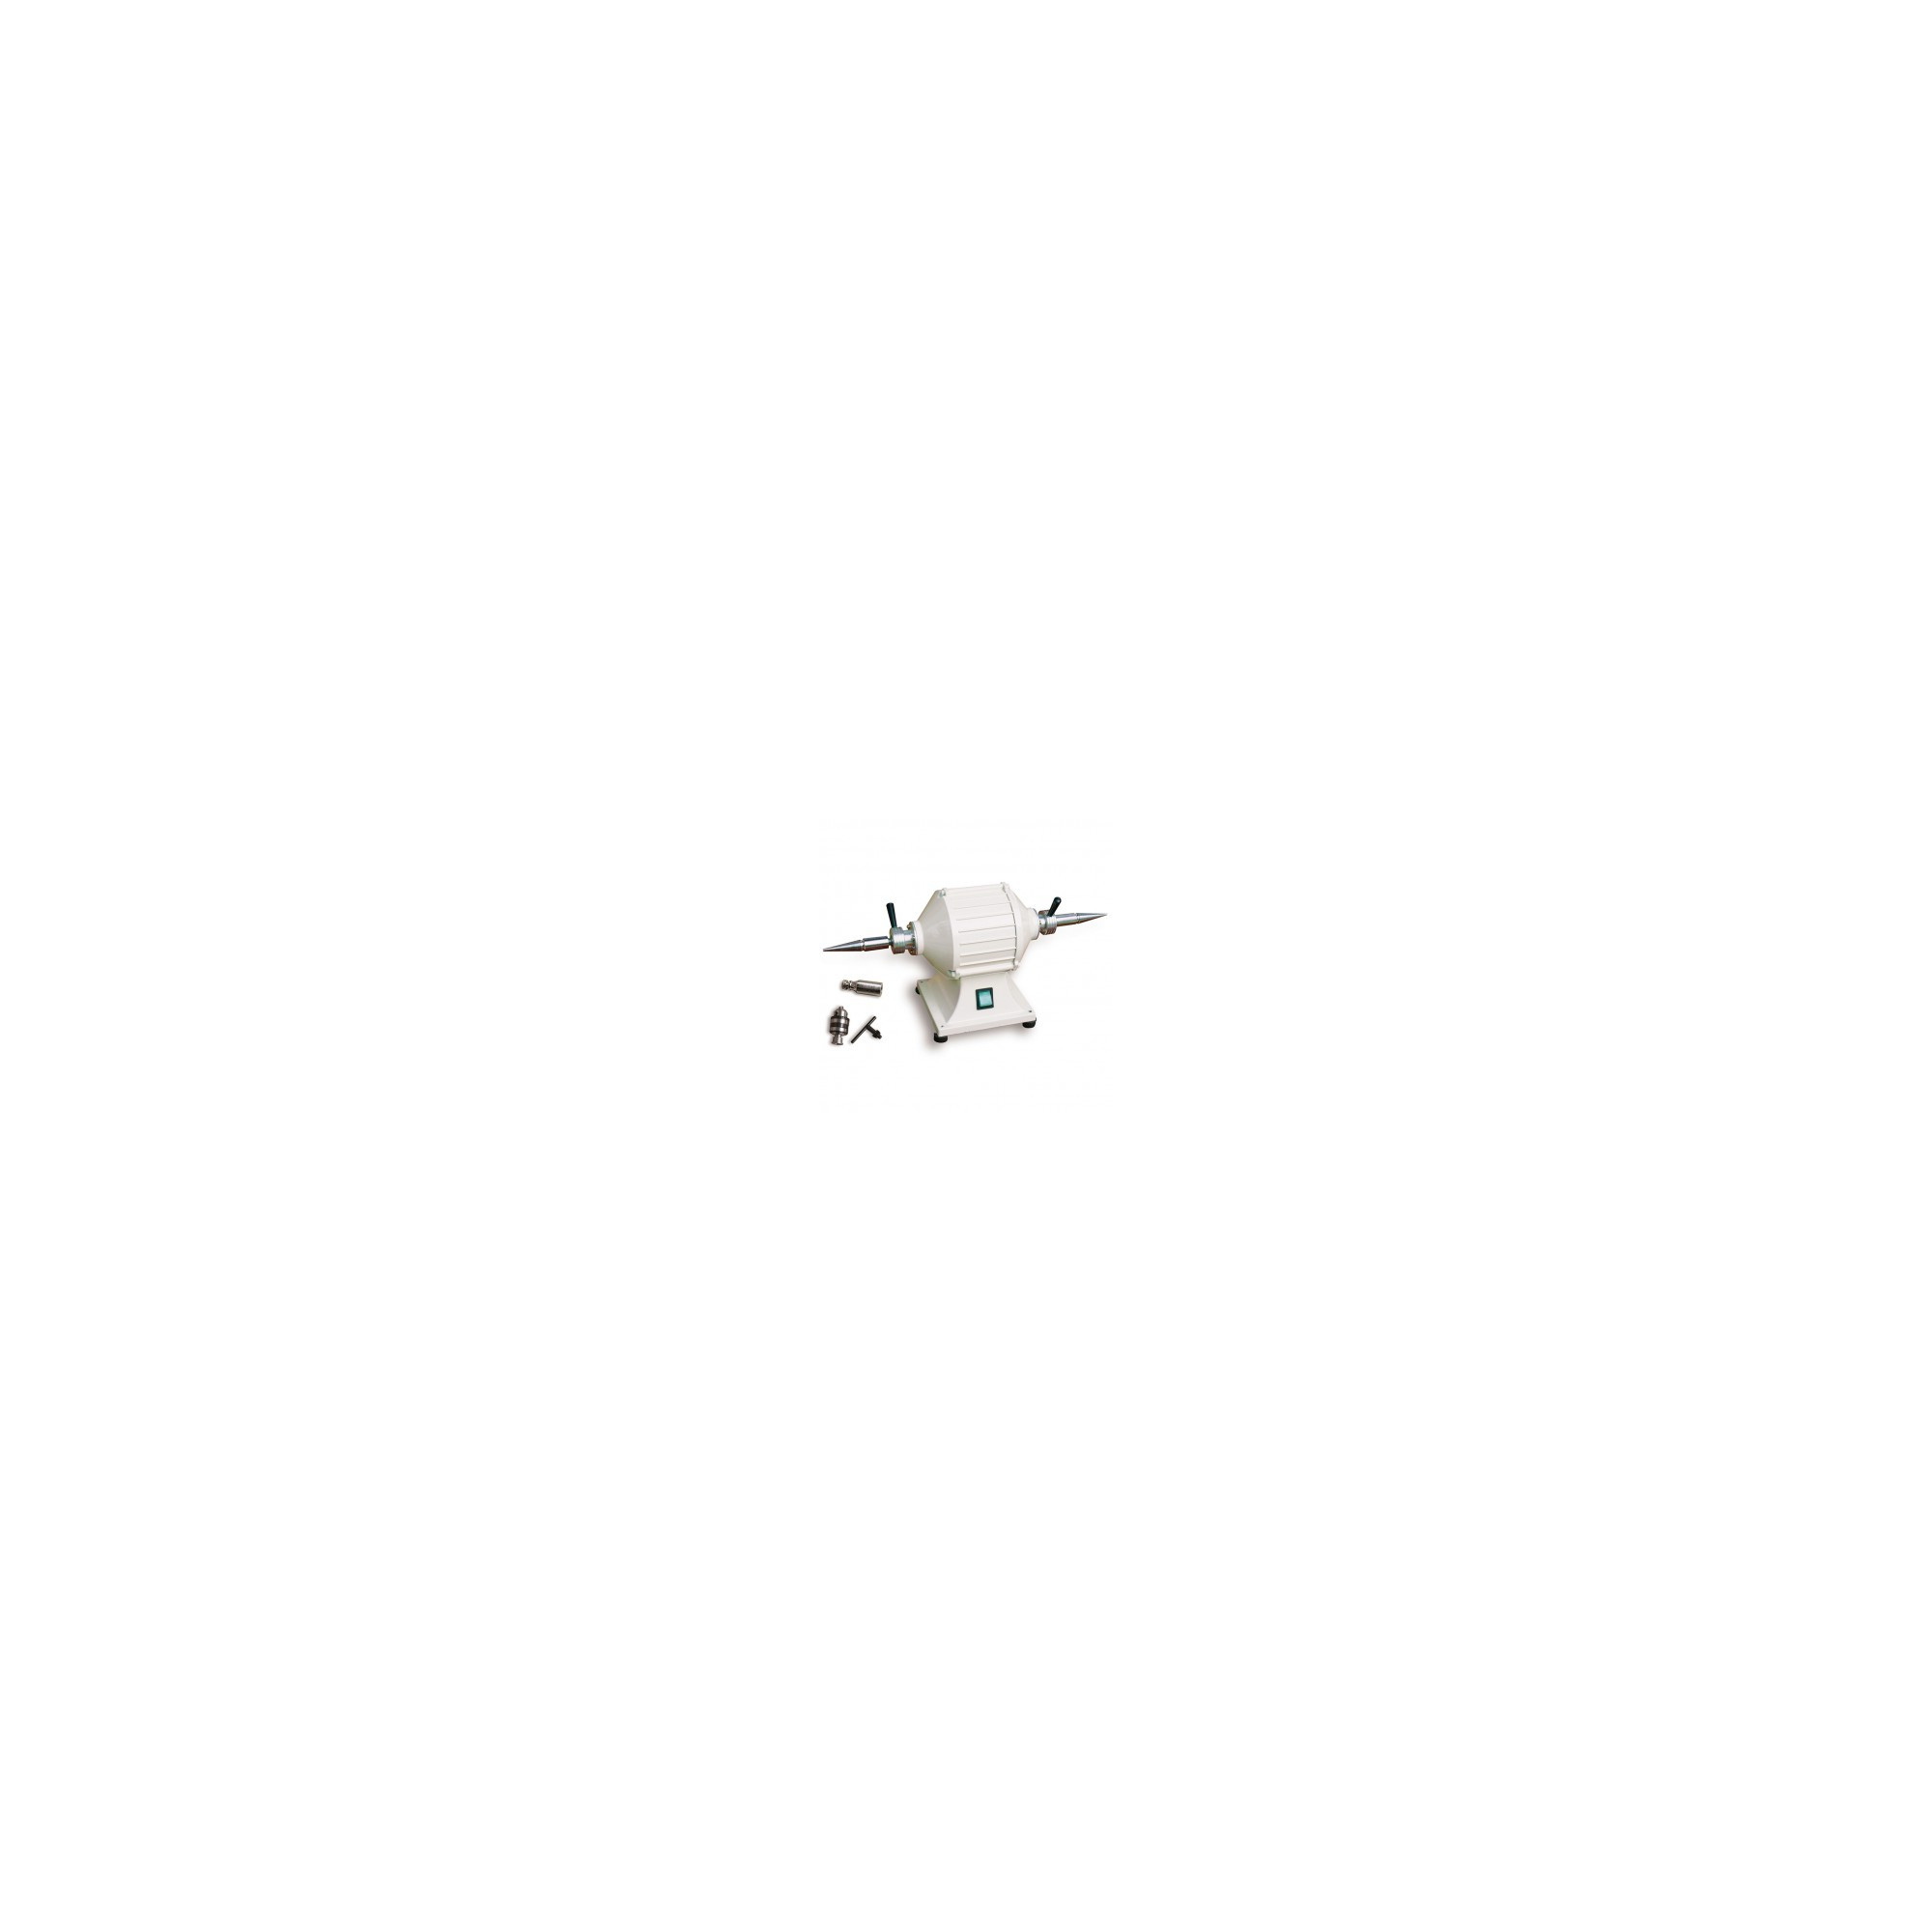 Touret de podologie 1er prix Rhino 1/3cv à 1 vitesse